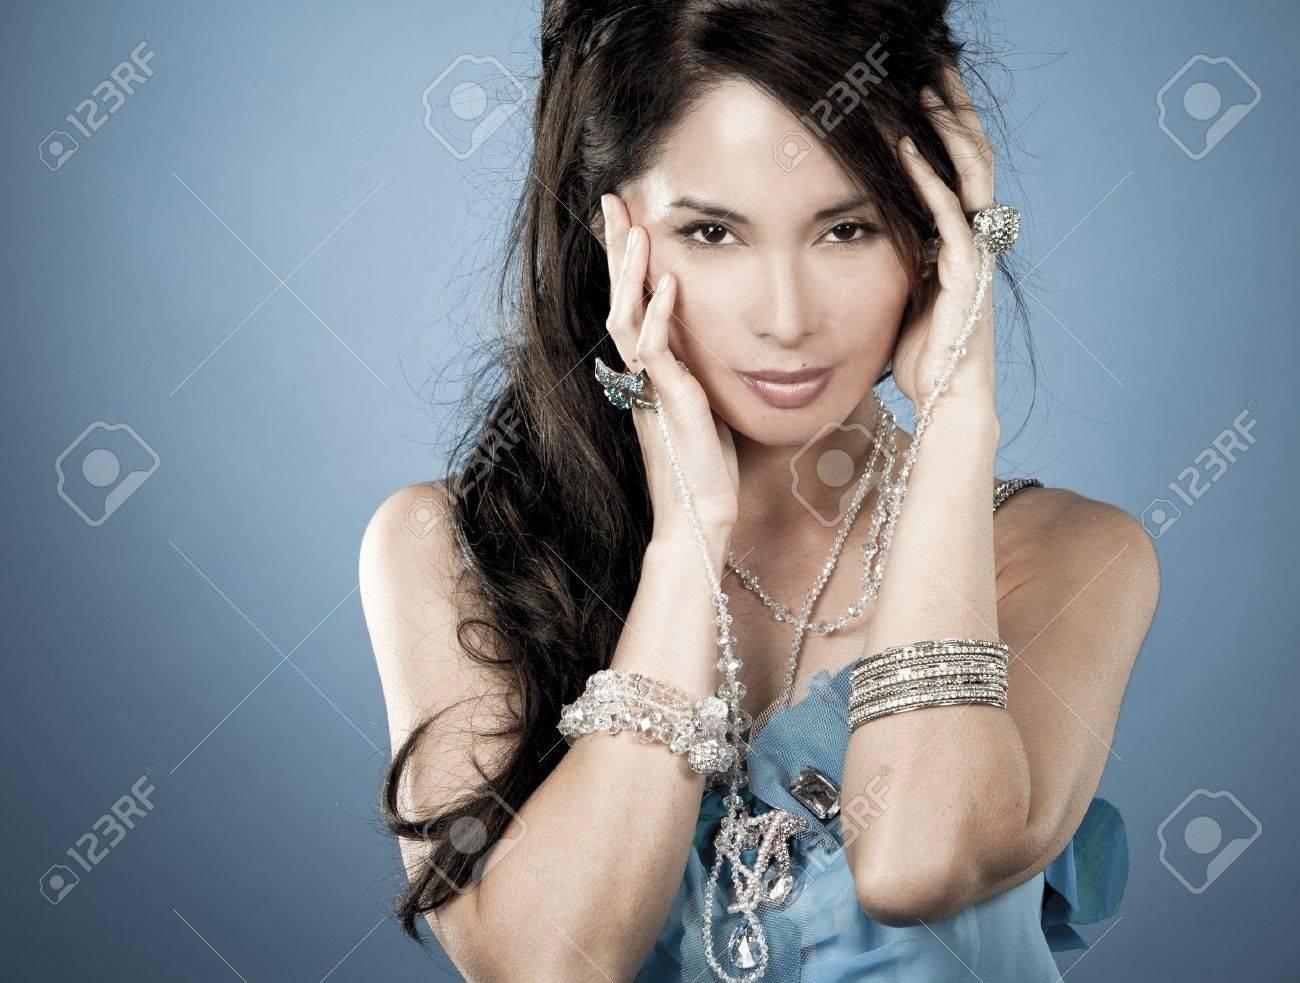 beautiful asian brunette wearing jewellery and fashin dress on blue background - 16757025